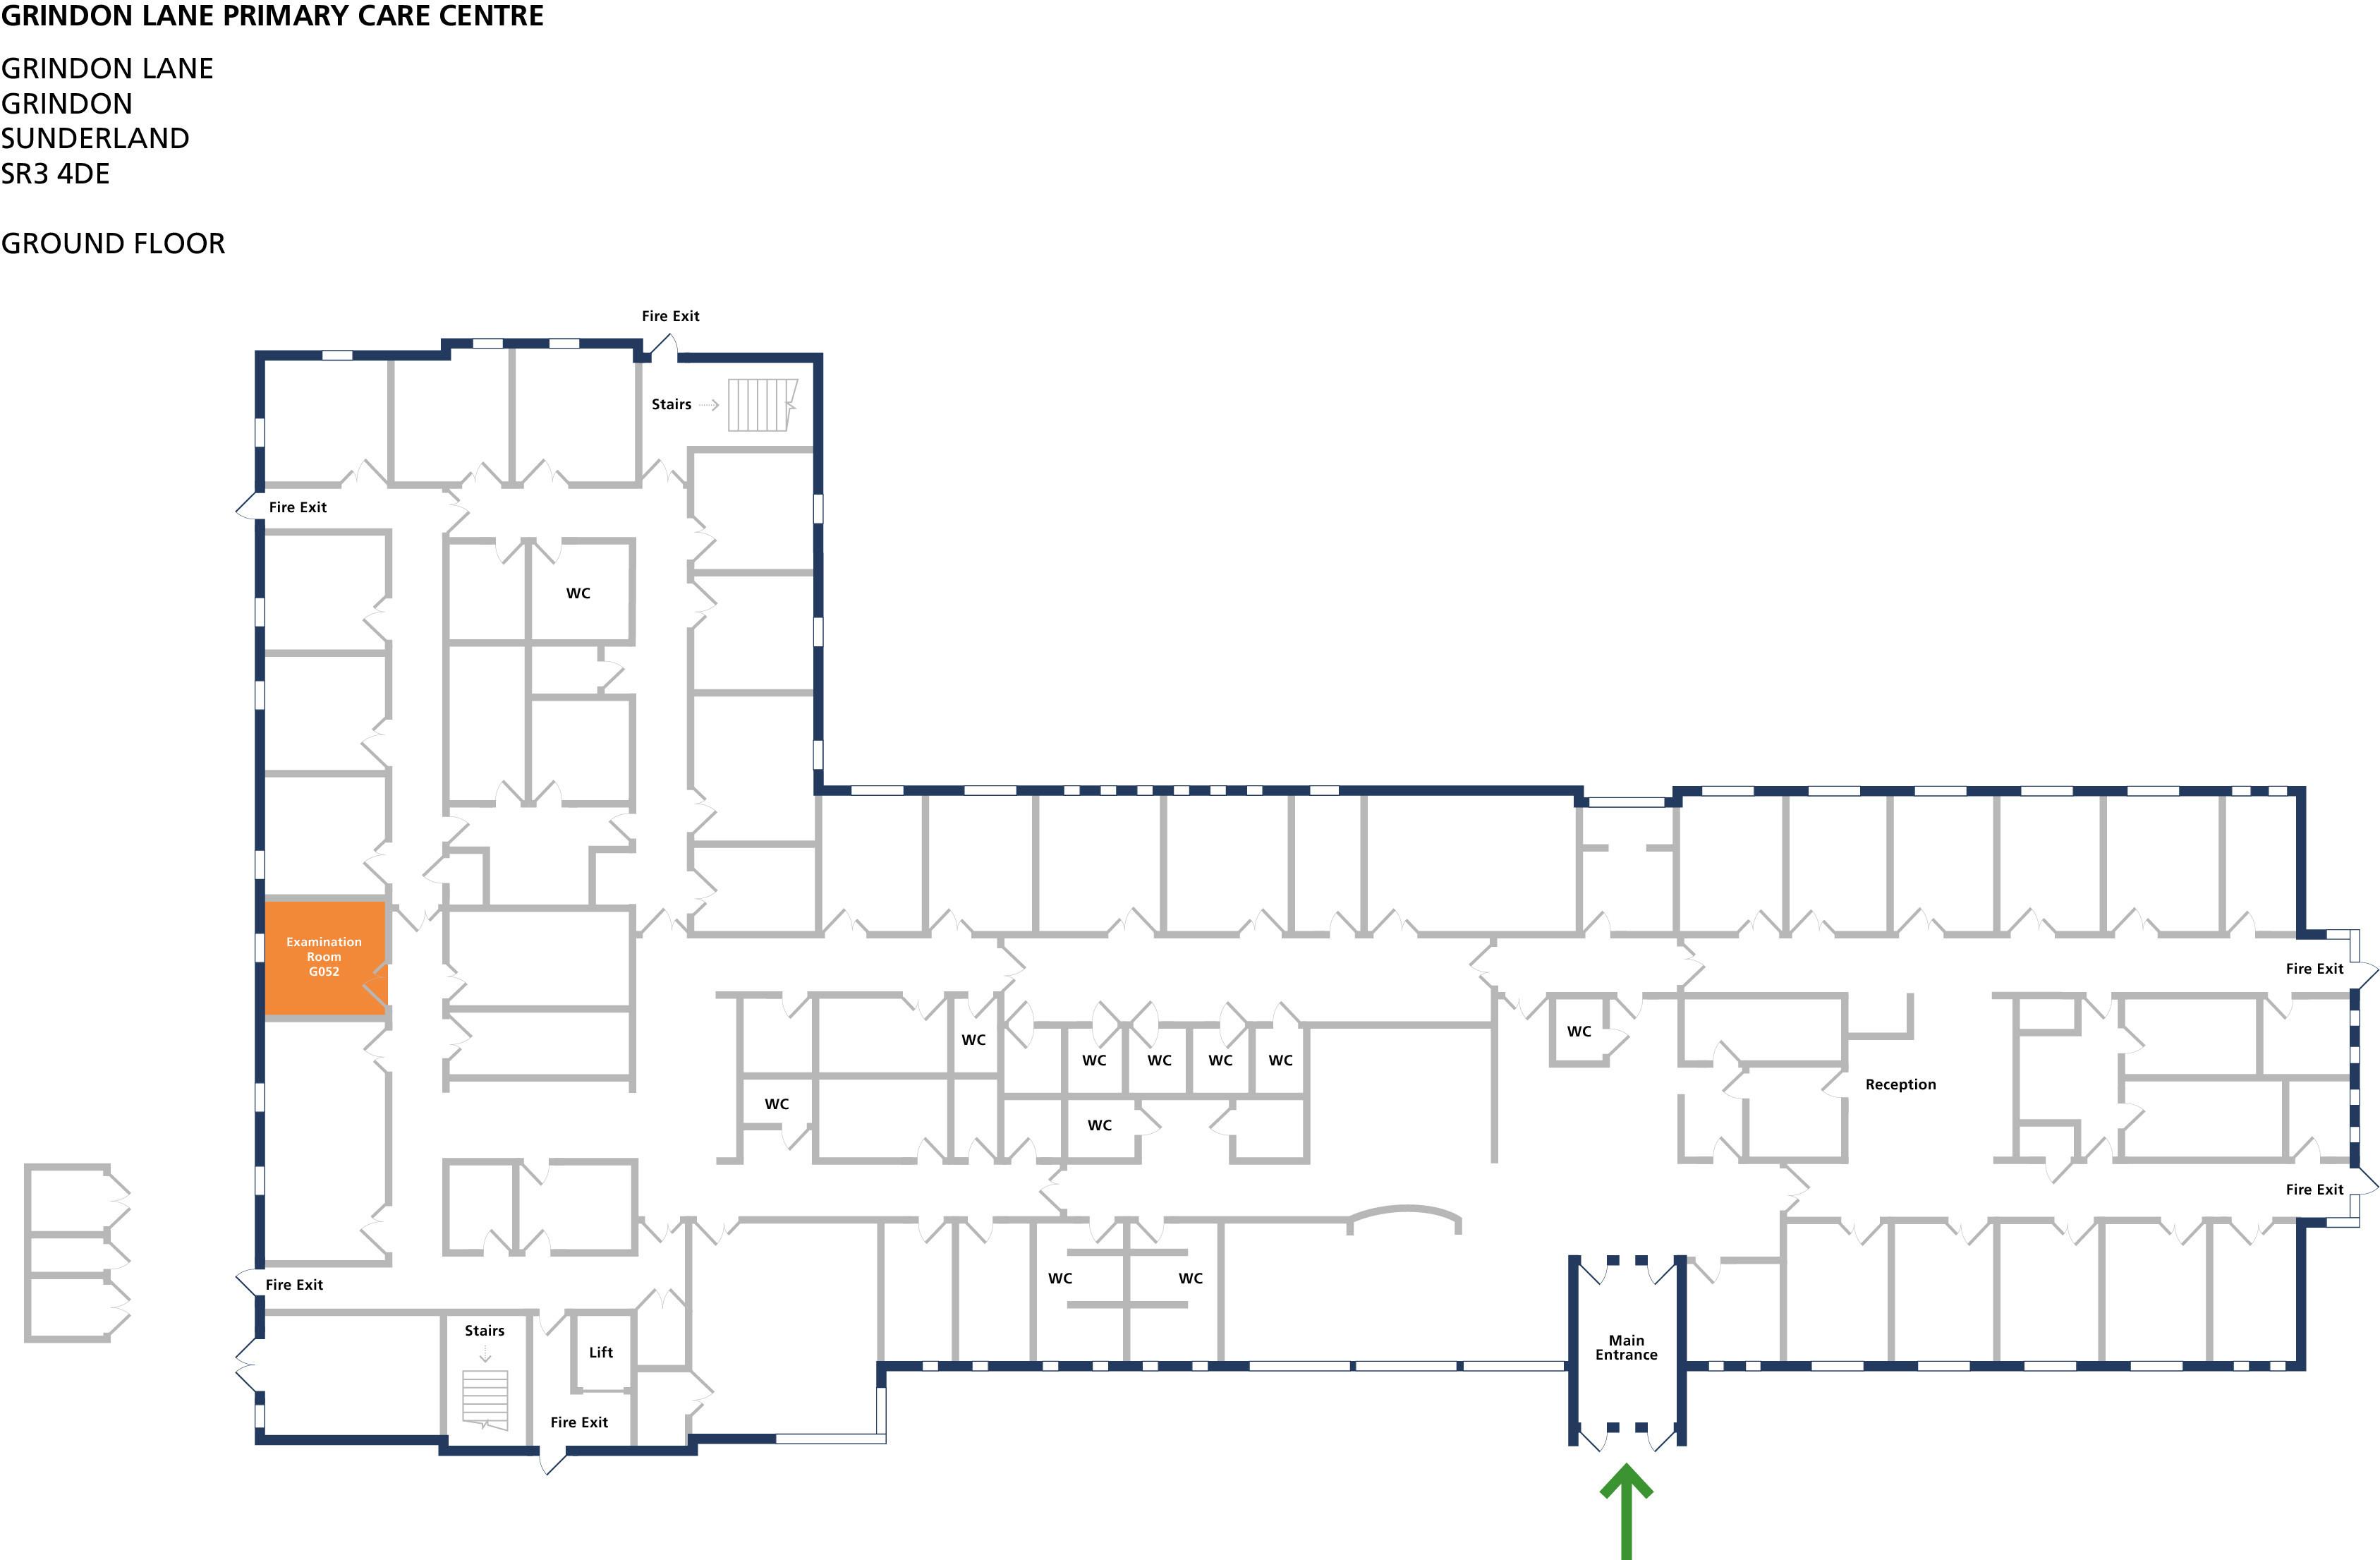 Examination room 52